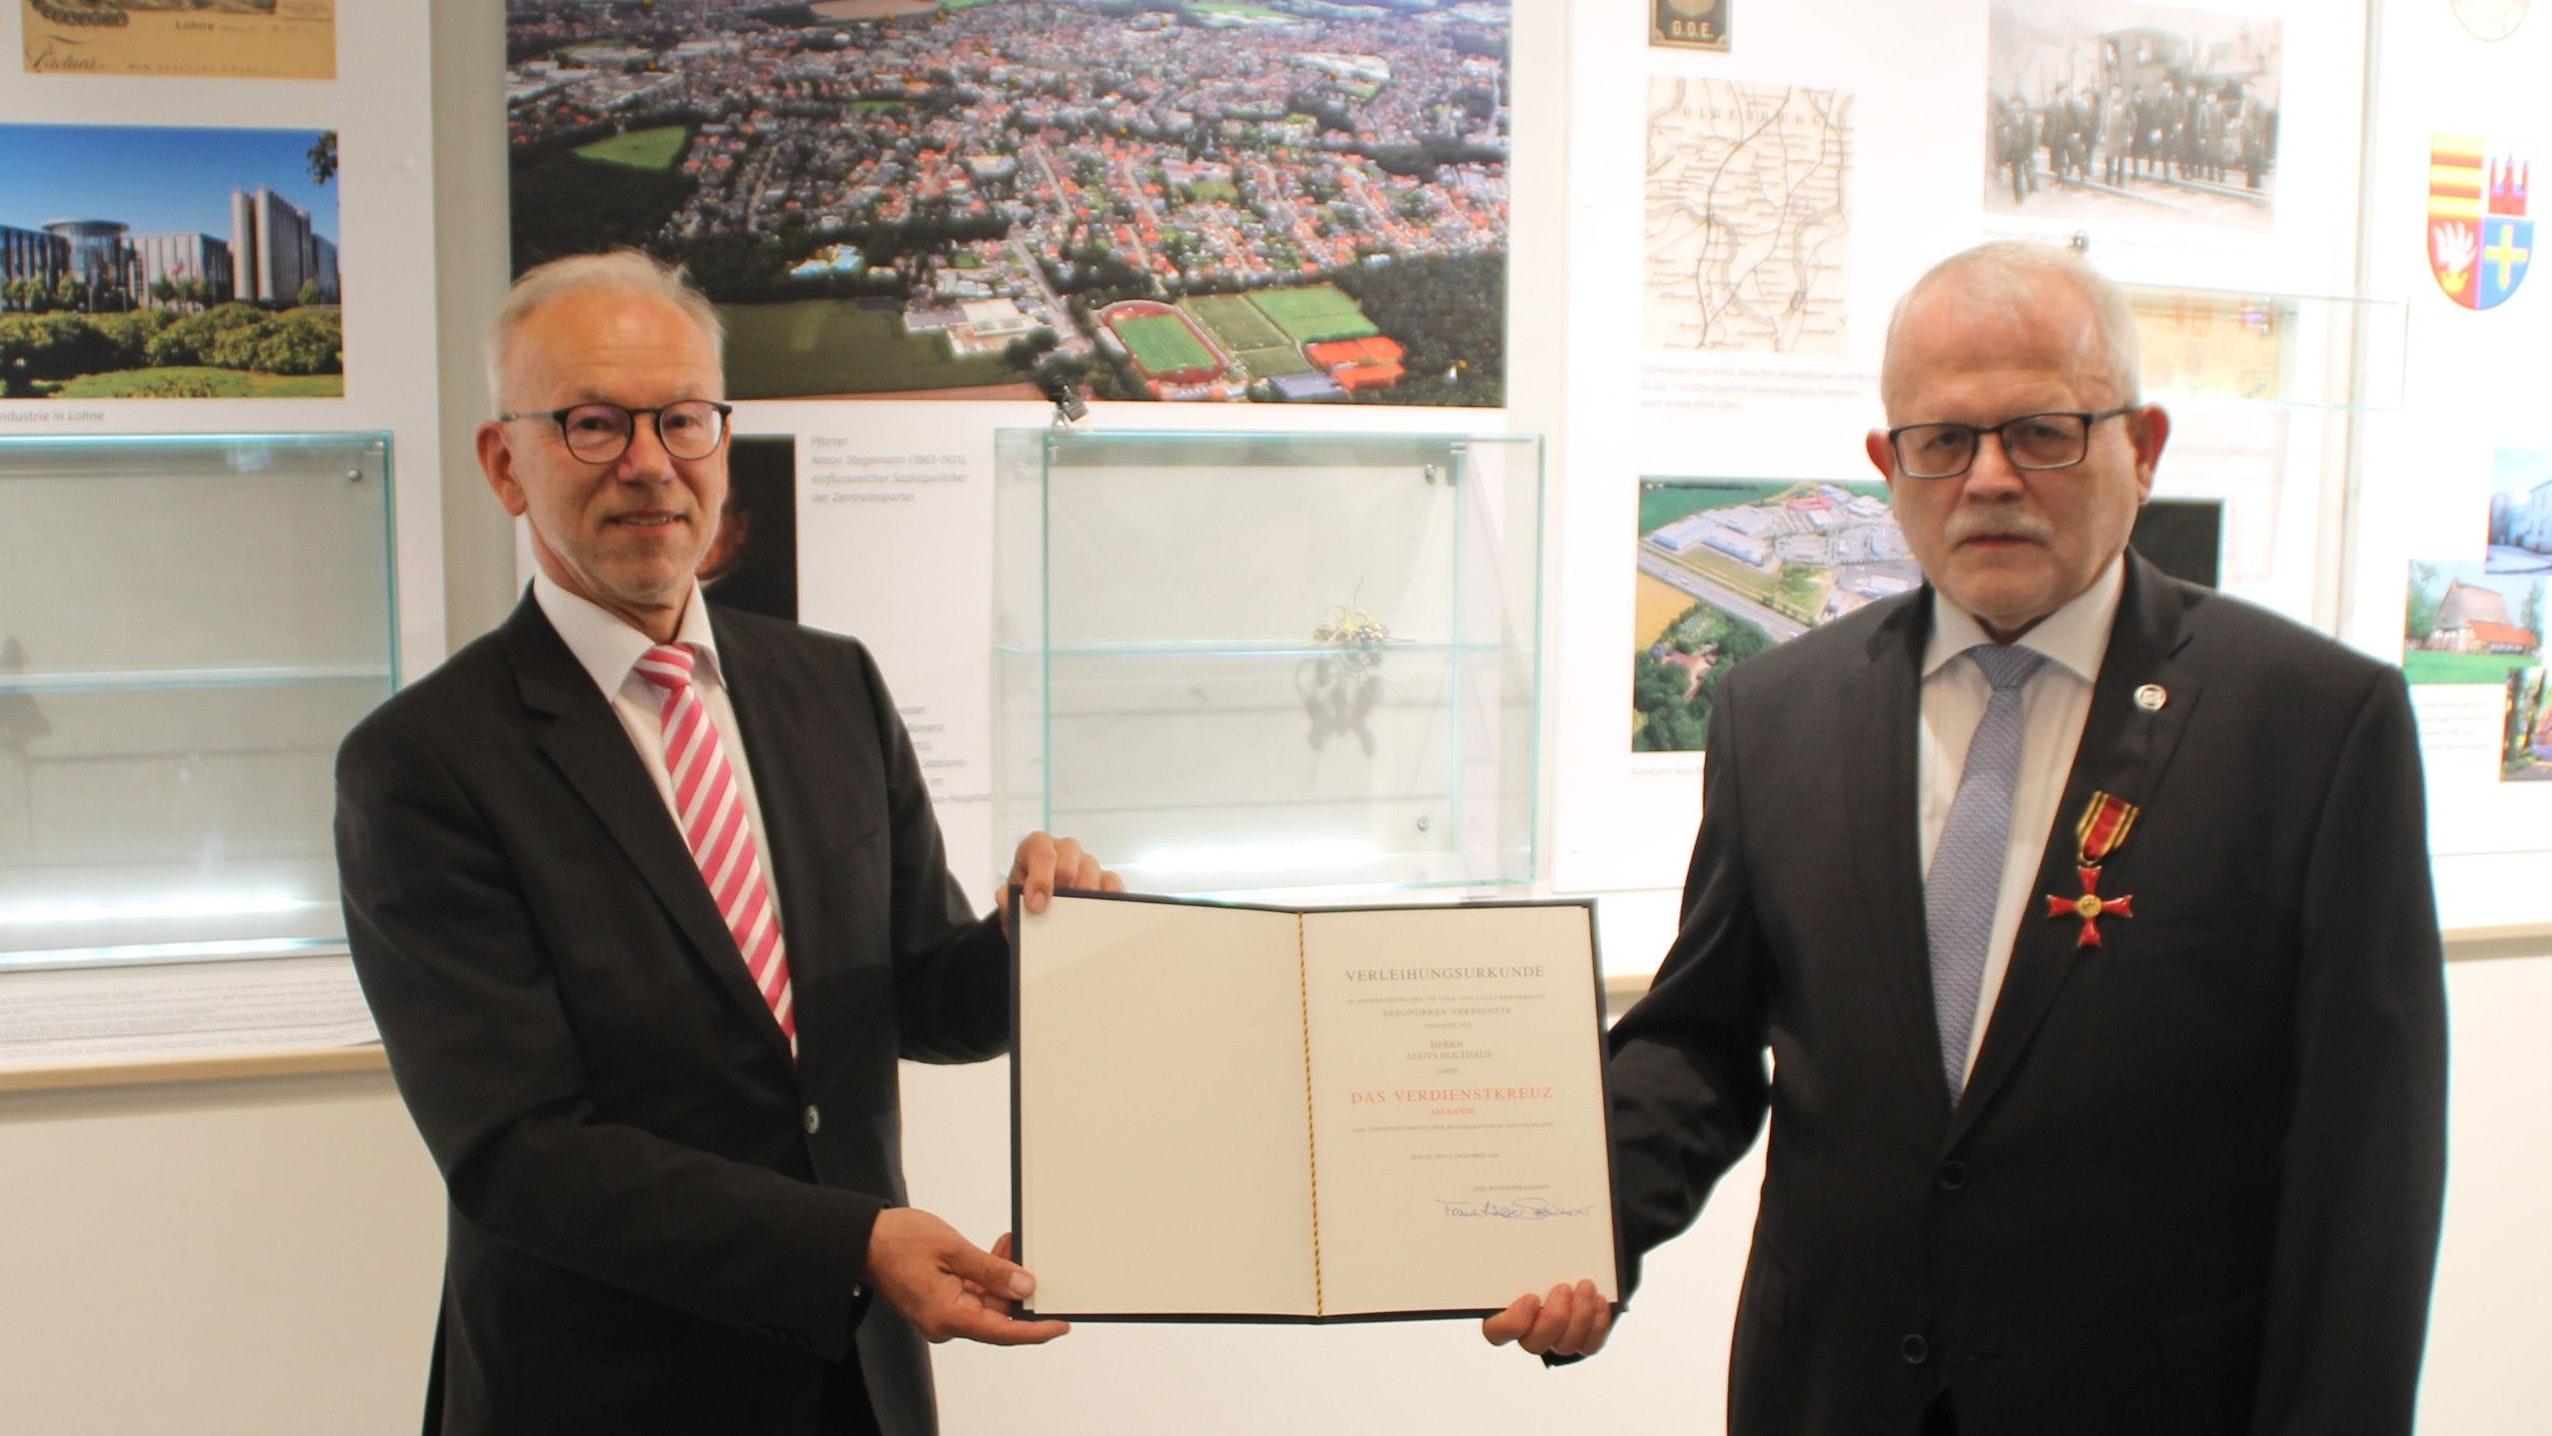 Feierliche Verleihung des Bundesverdienstkreuzes: Landrat Herbert Winkel (links) überreichte Aloys Holthaus die Urkunde sowie den Orden. Foto: Kessen